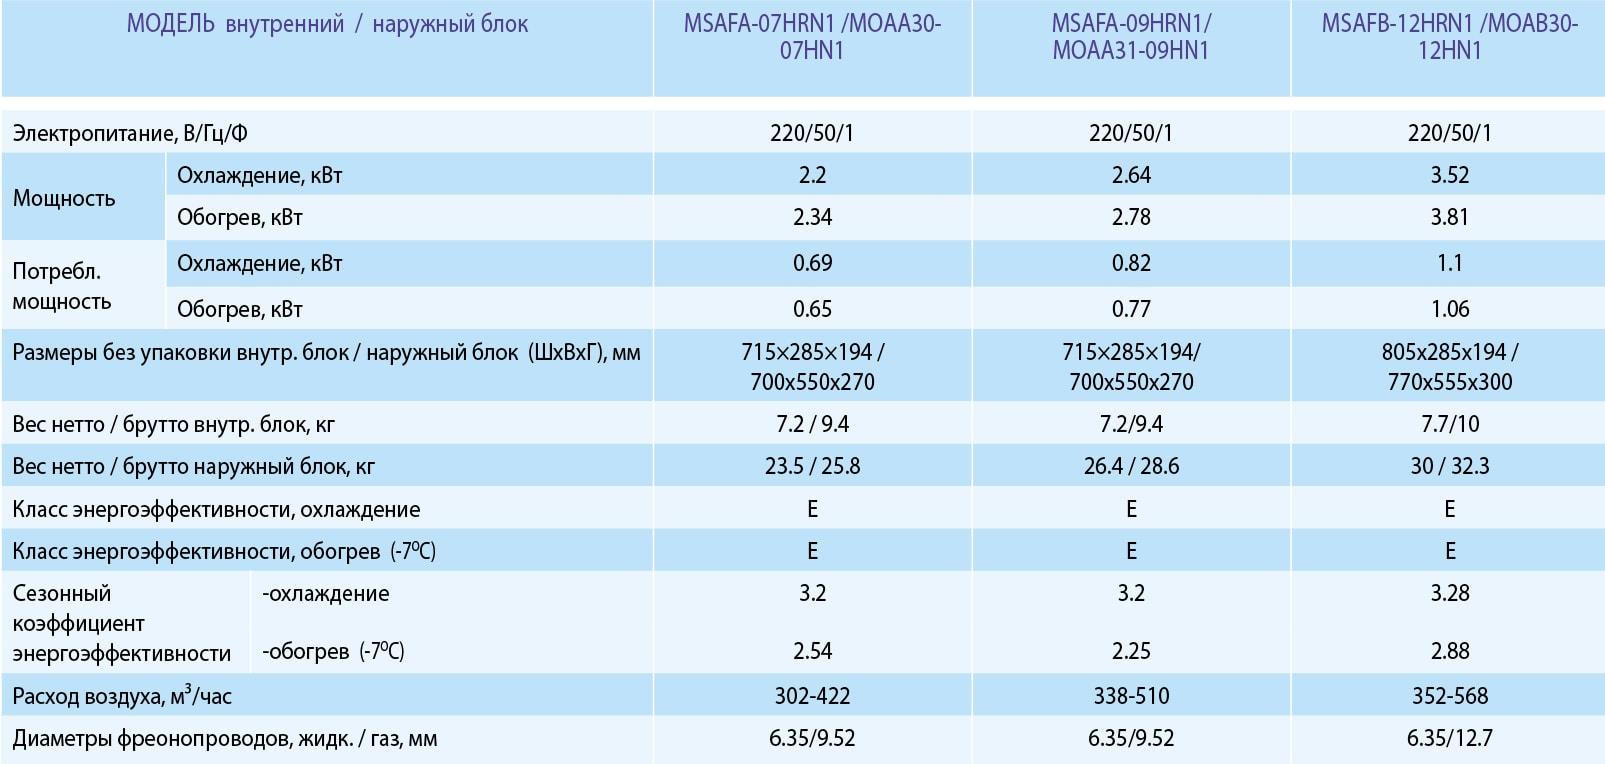 Технические характеристики кондиционера Midea MSAFA-09HRN1 серии Forest